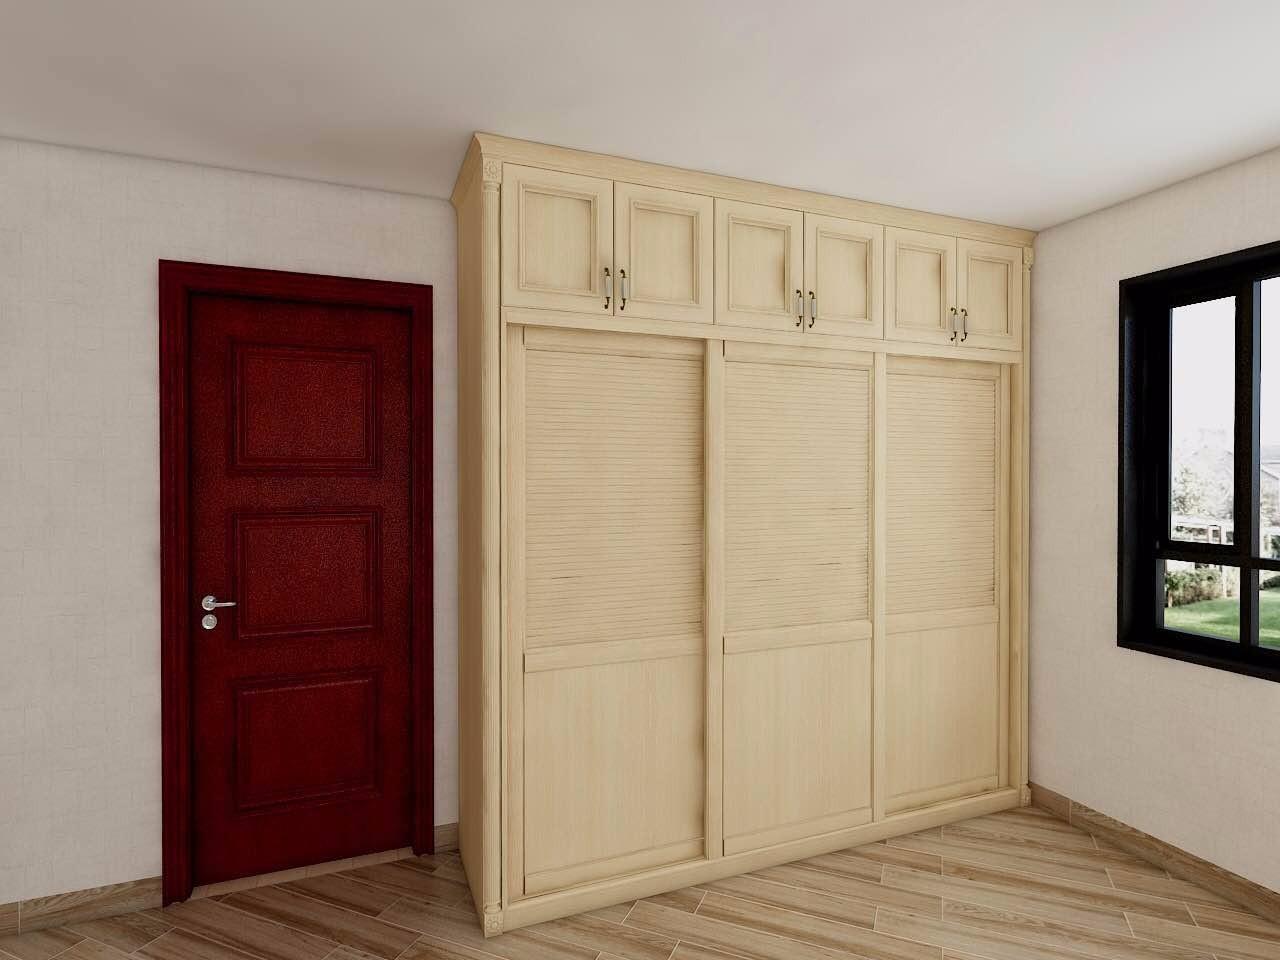 我们引荐实木家具结果图重磅优惠来袭 全铝家居结果图 浴室柜